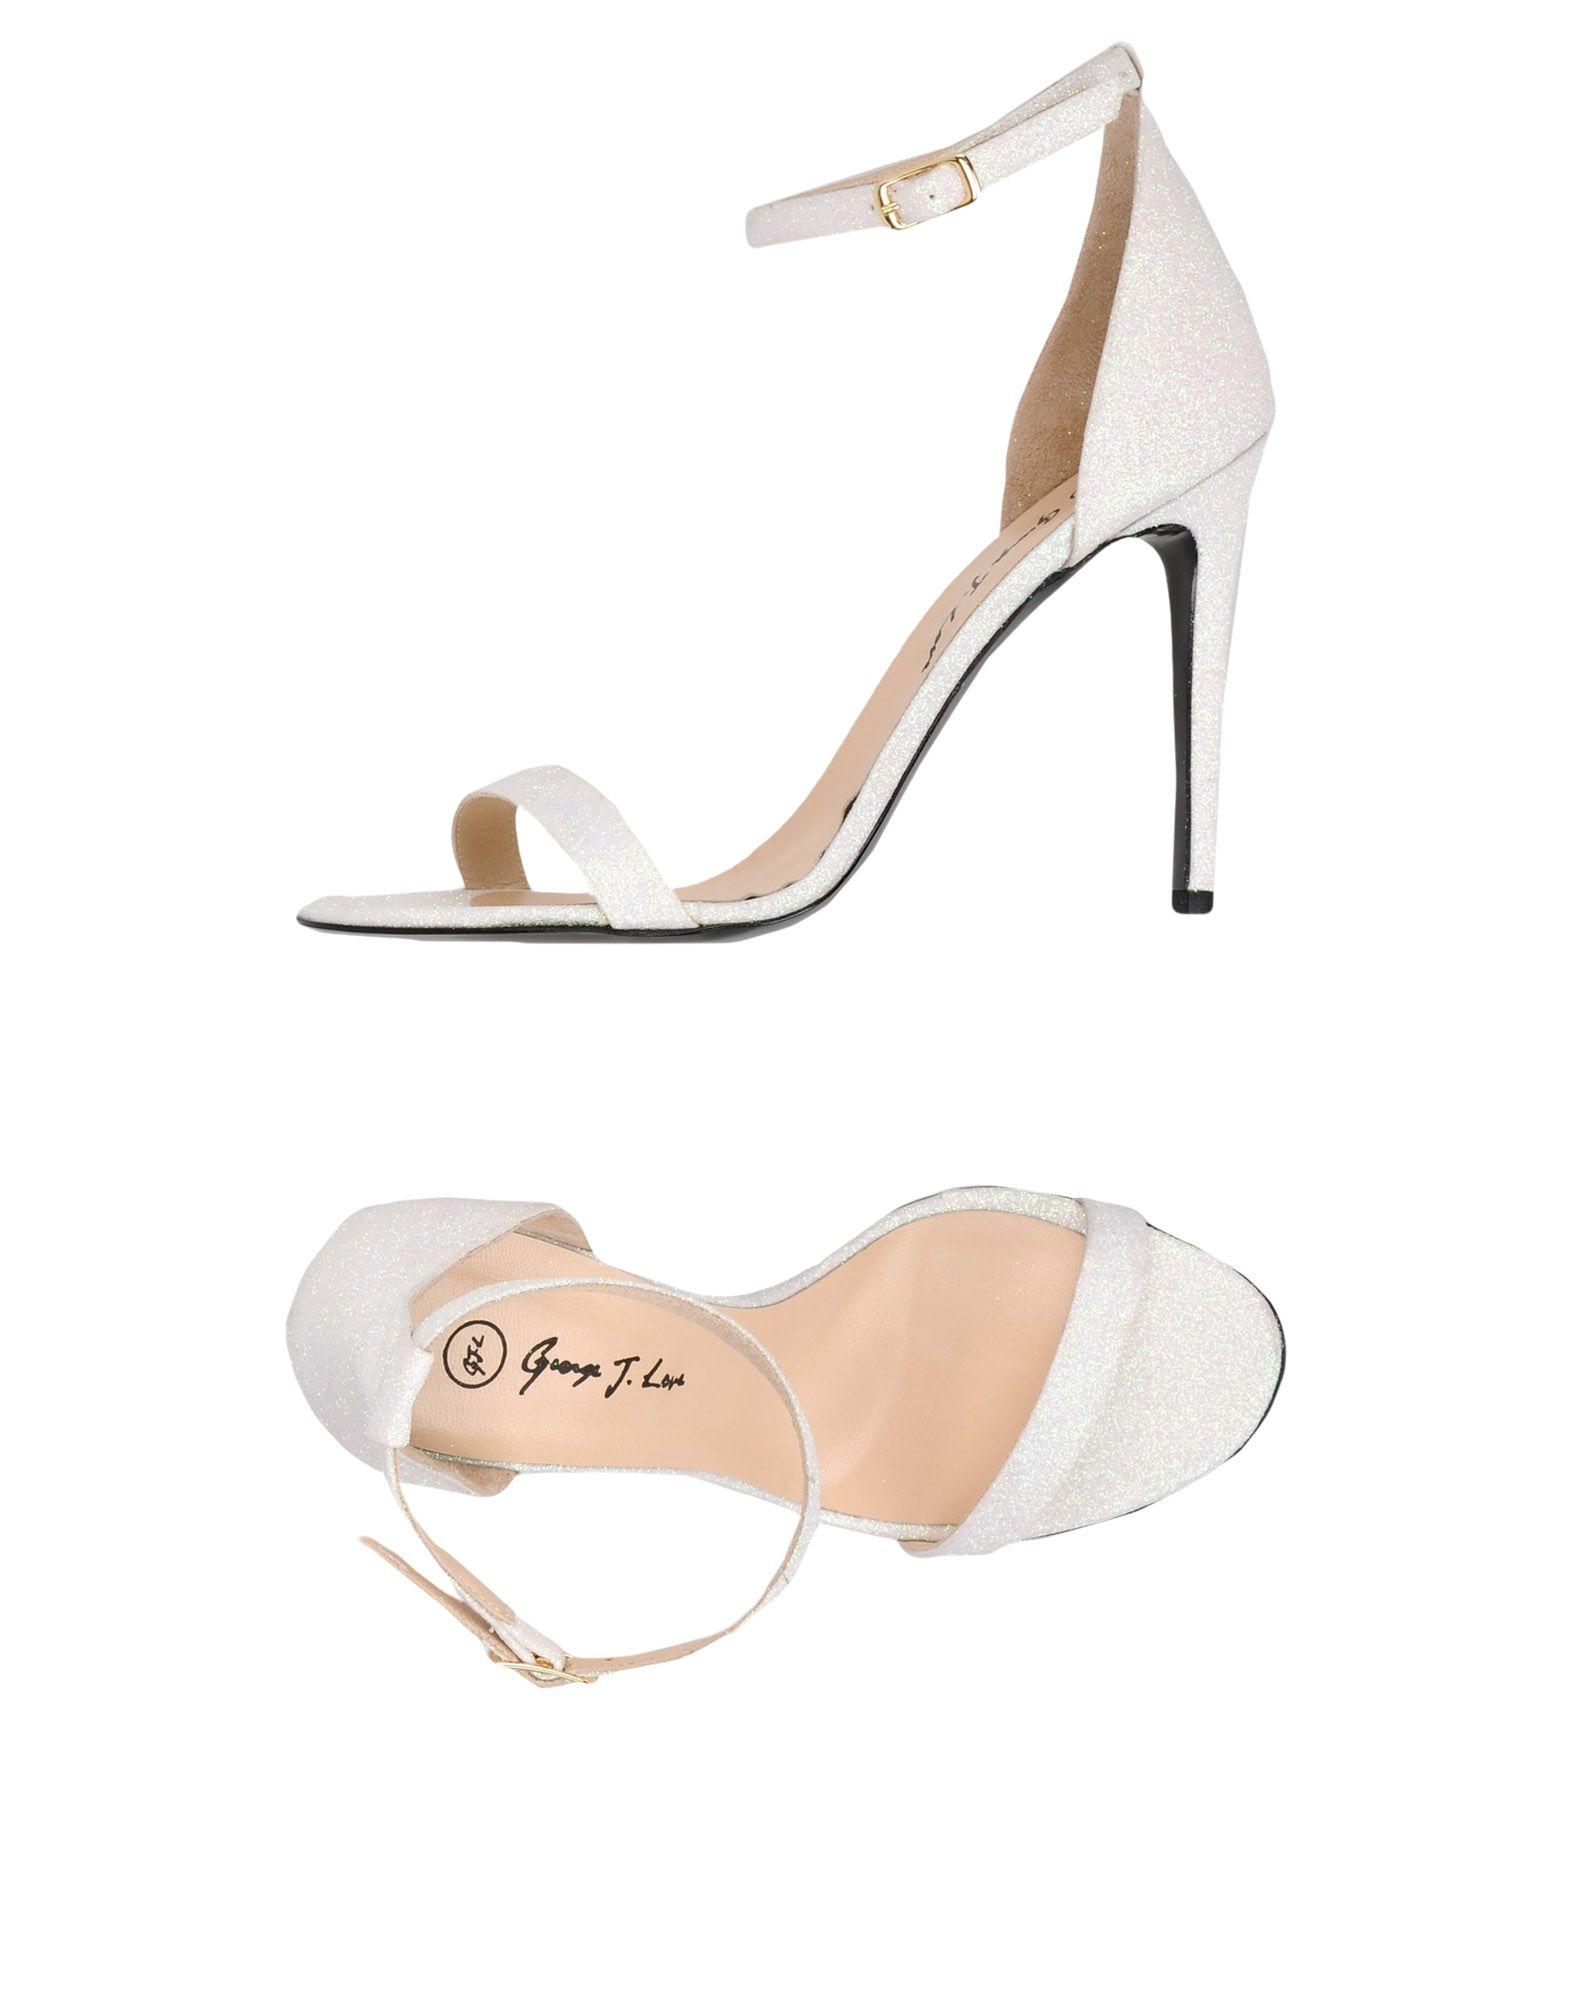 George J. Love Sandalen Damen  11428317JV Gute Qualität beliebte Schuhe